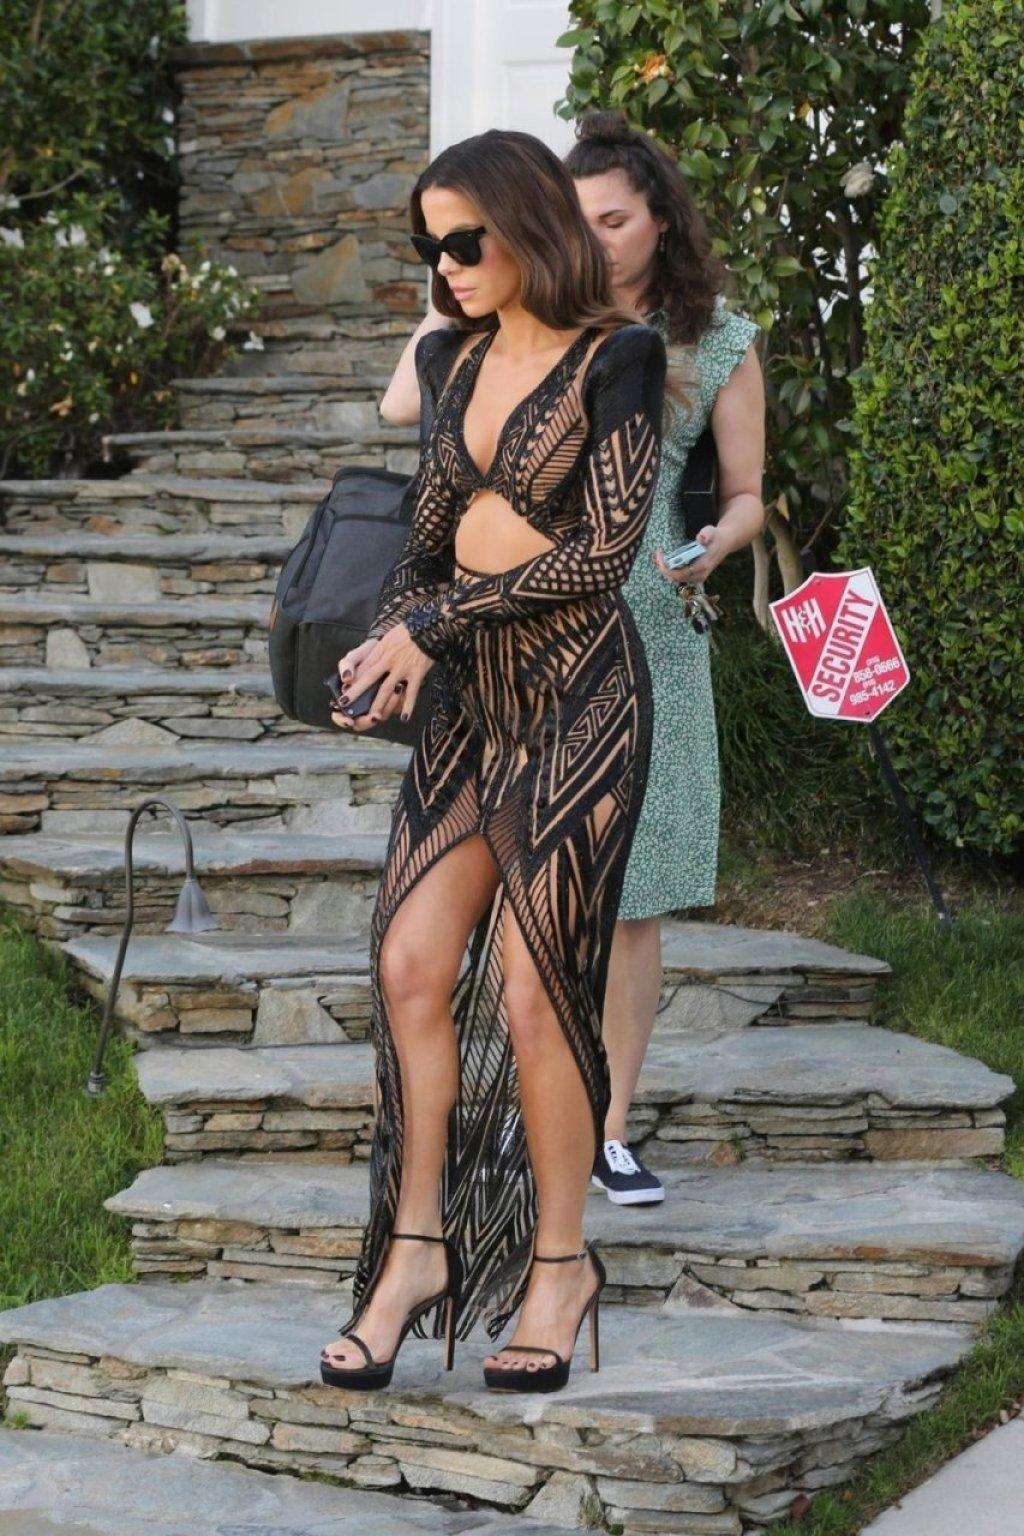 Kate Beckinsale Sexy (24 Photos)